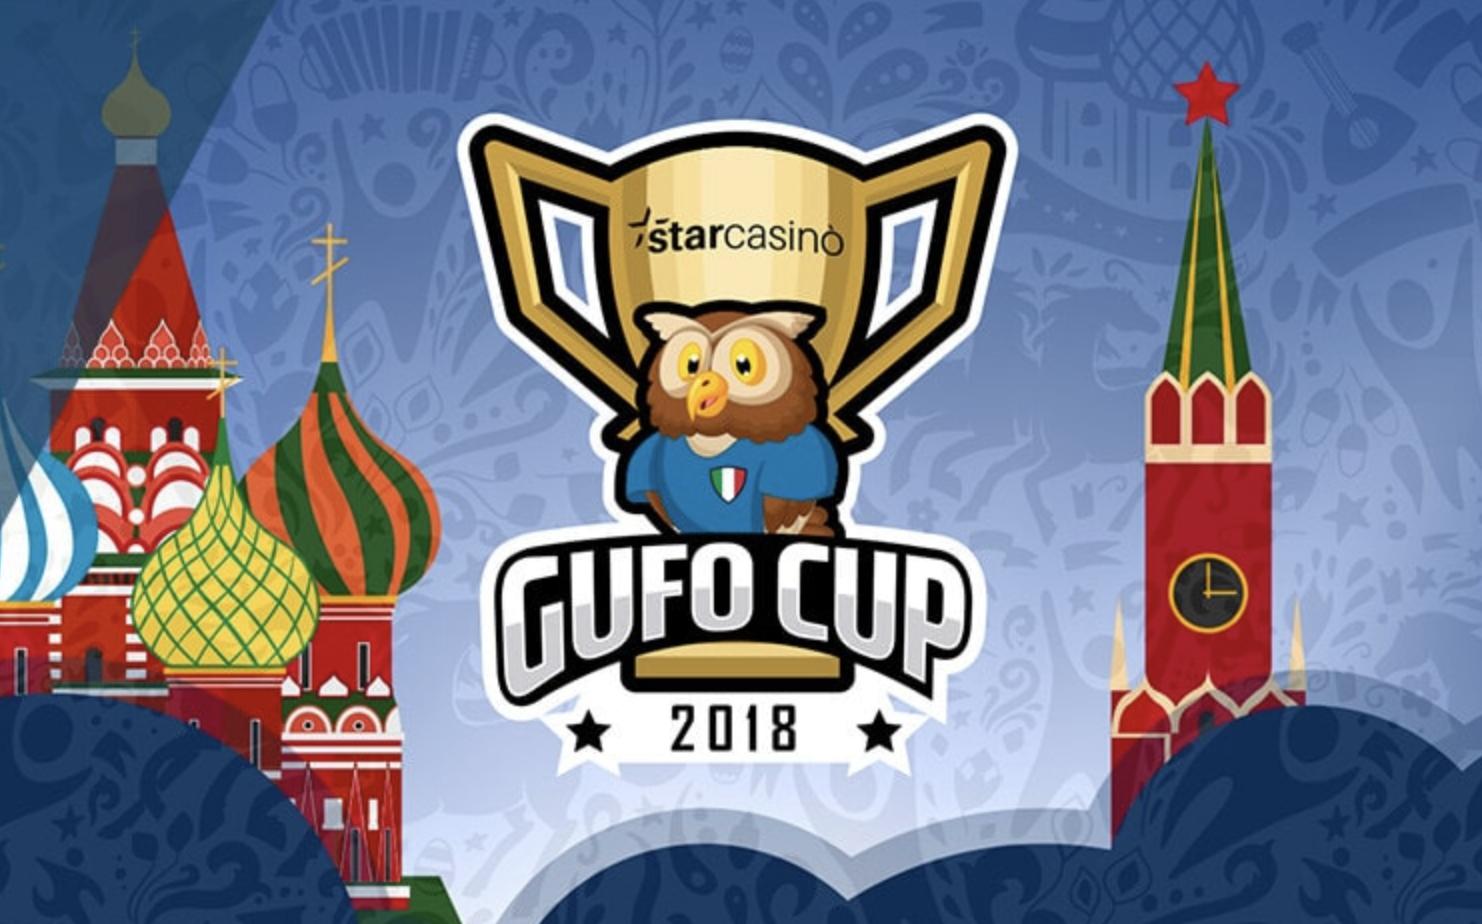 Vivi il mondiale con Gufo Cup di Starcasinò e portati a casa 20.000 euro di bonus